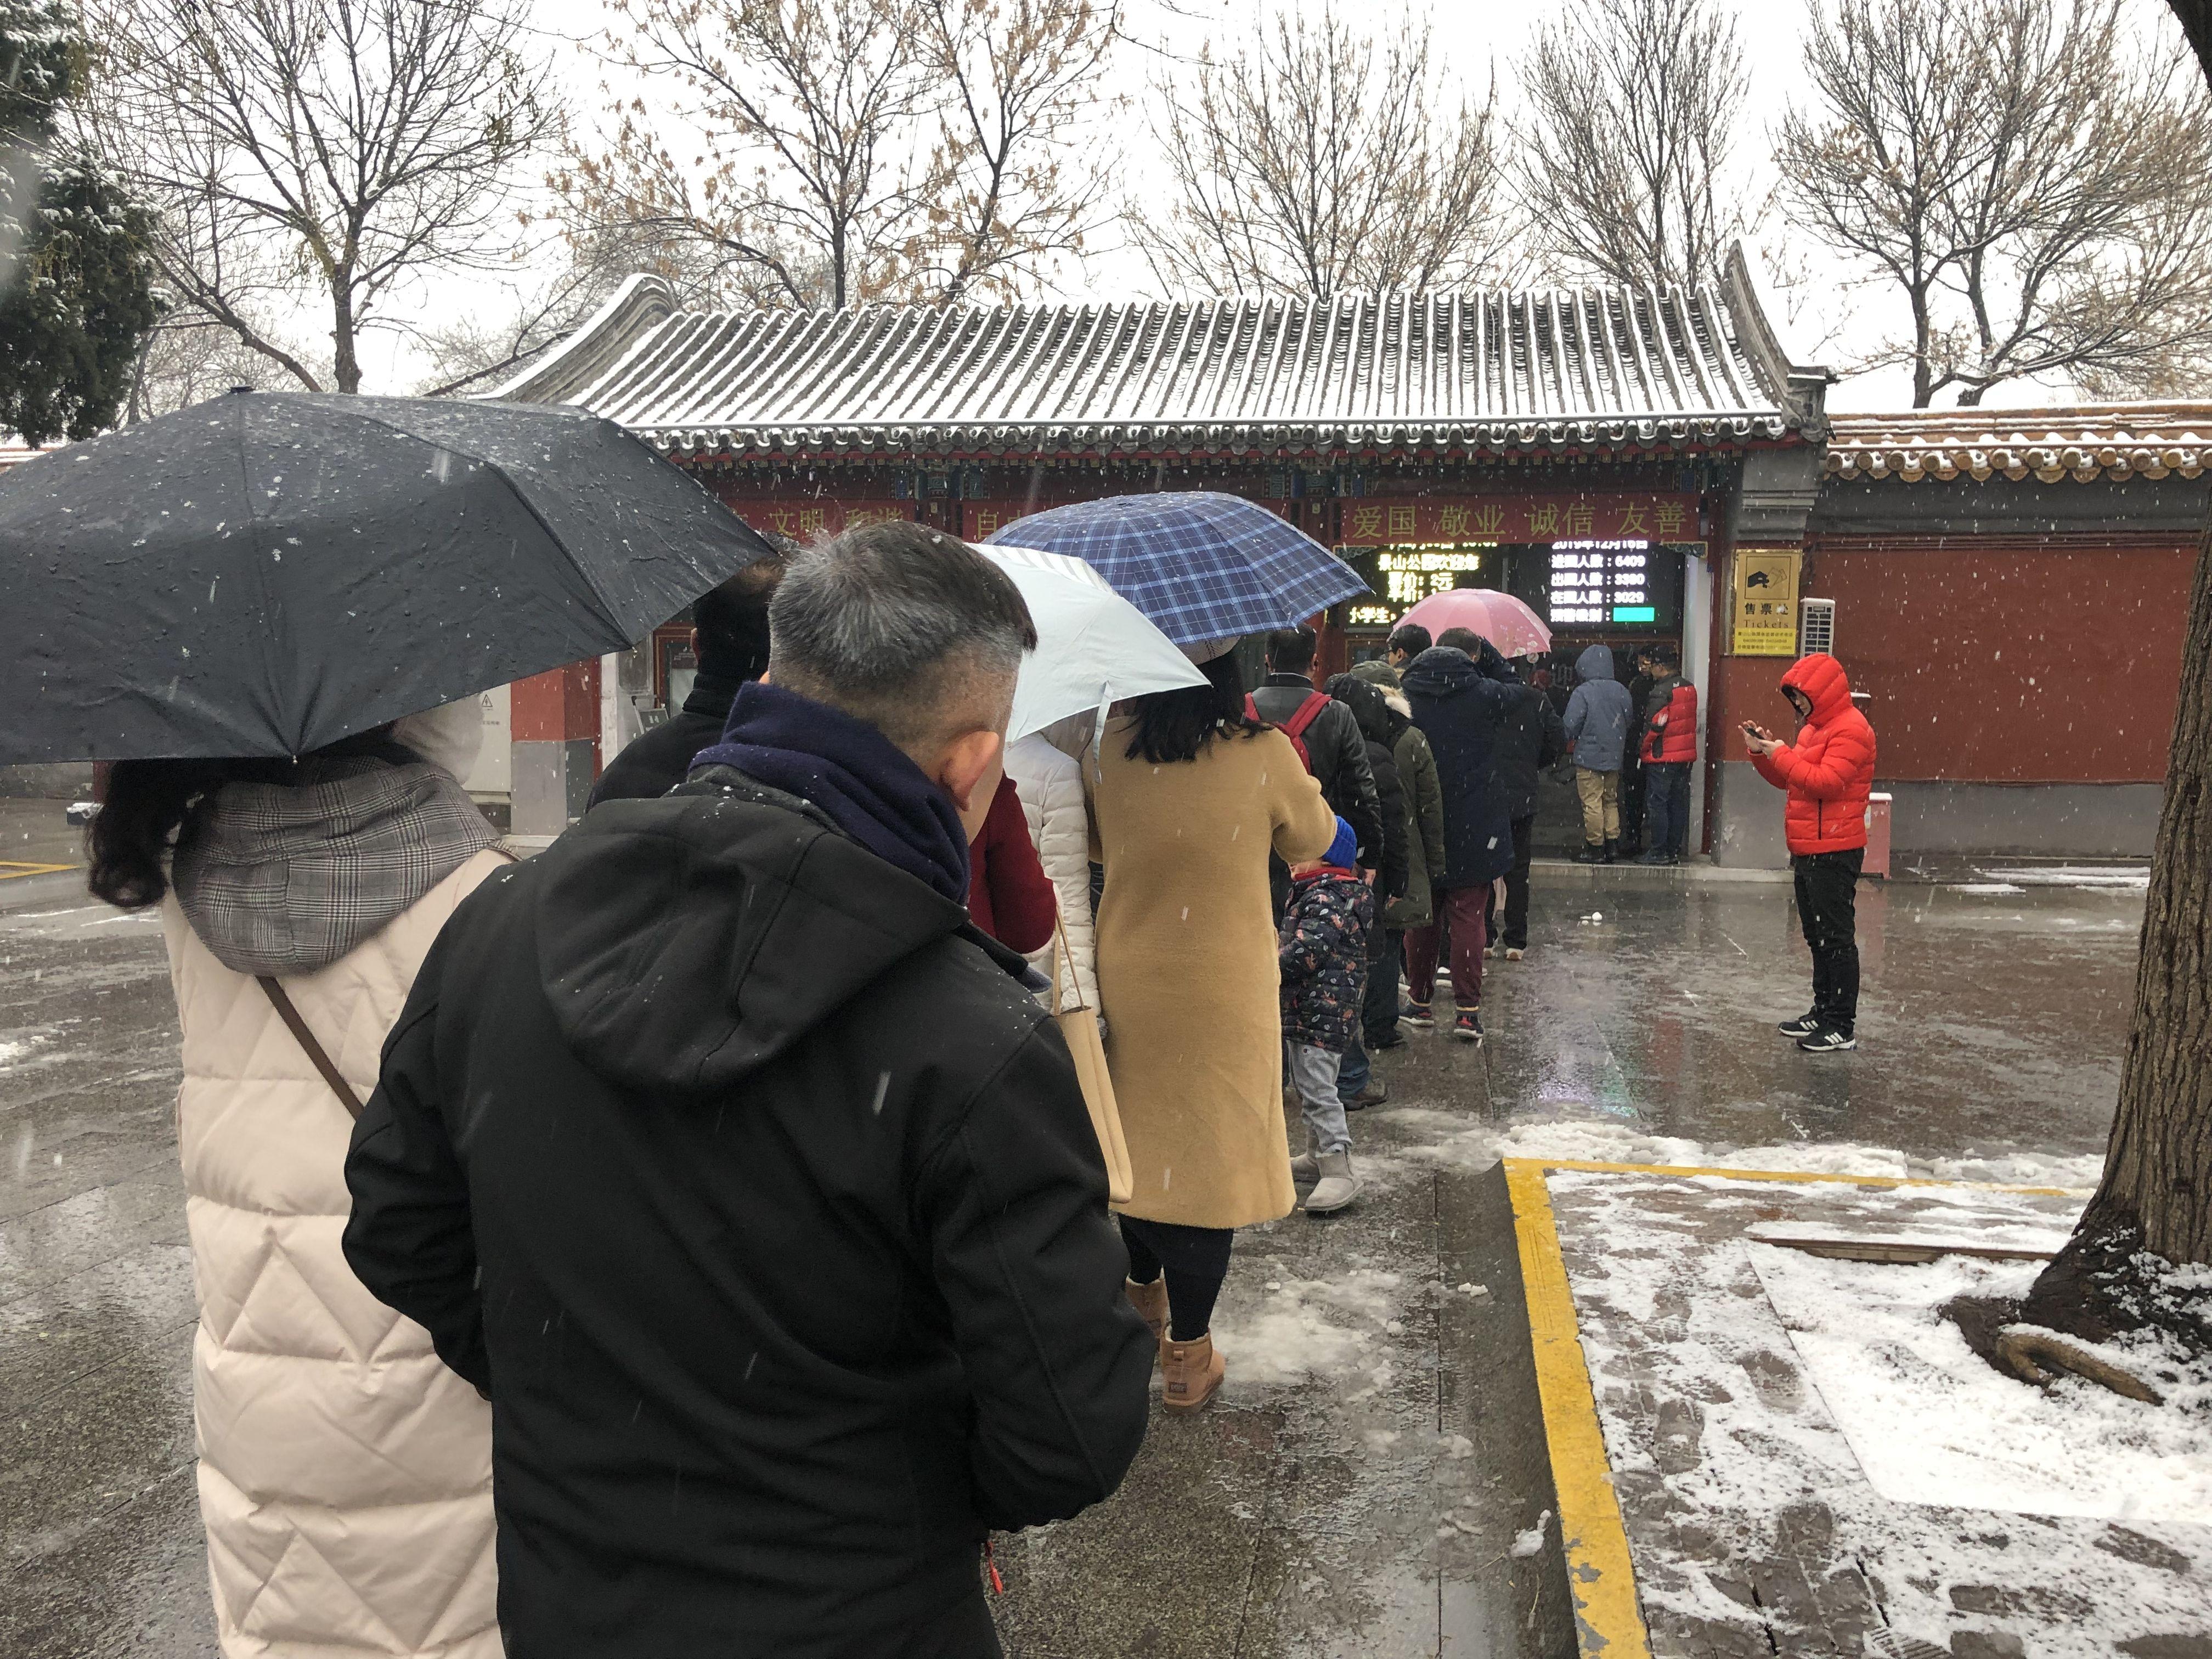 雪落京城景山公园成热门打卡地,有市民摸黑排队等开园